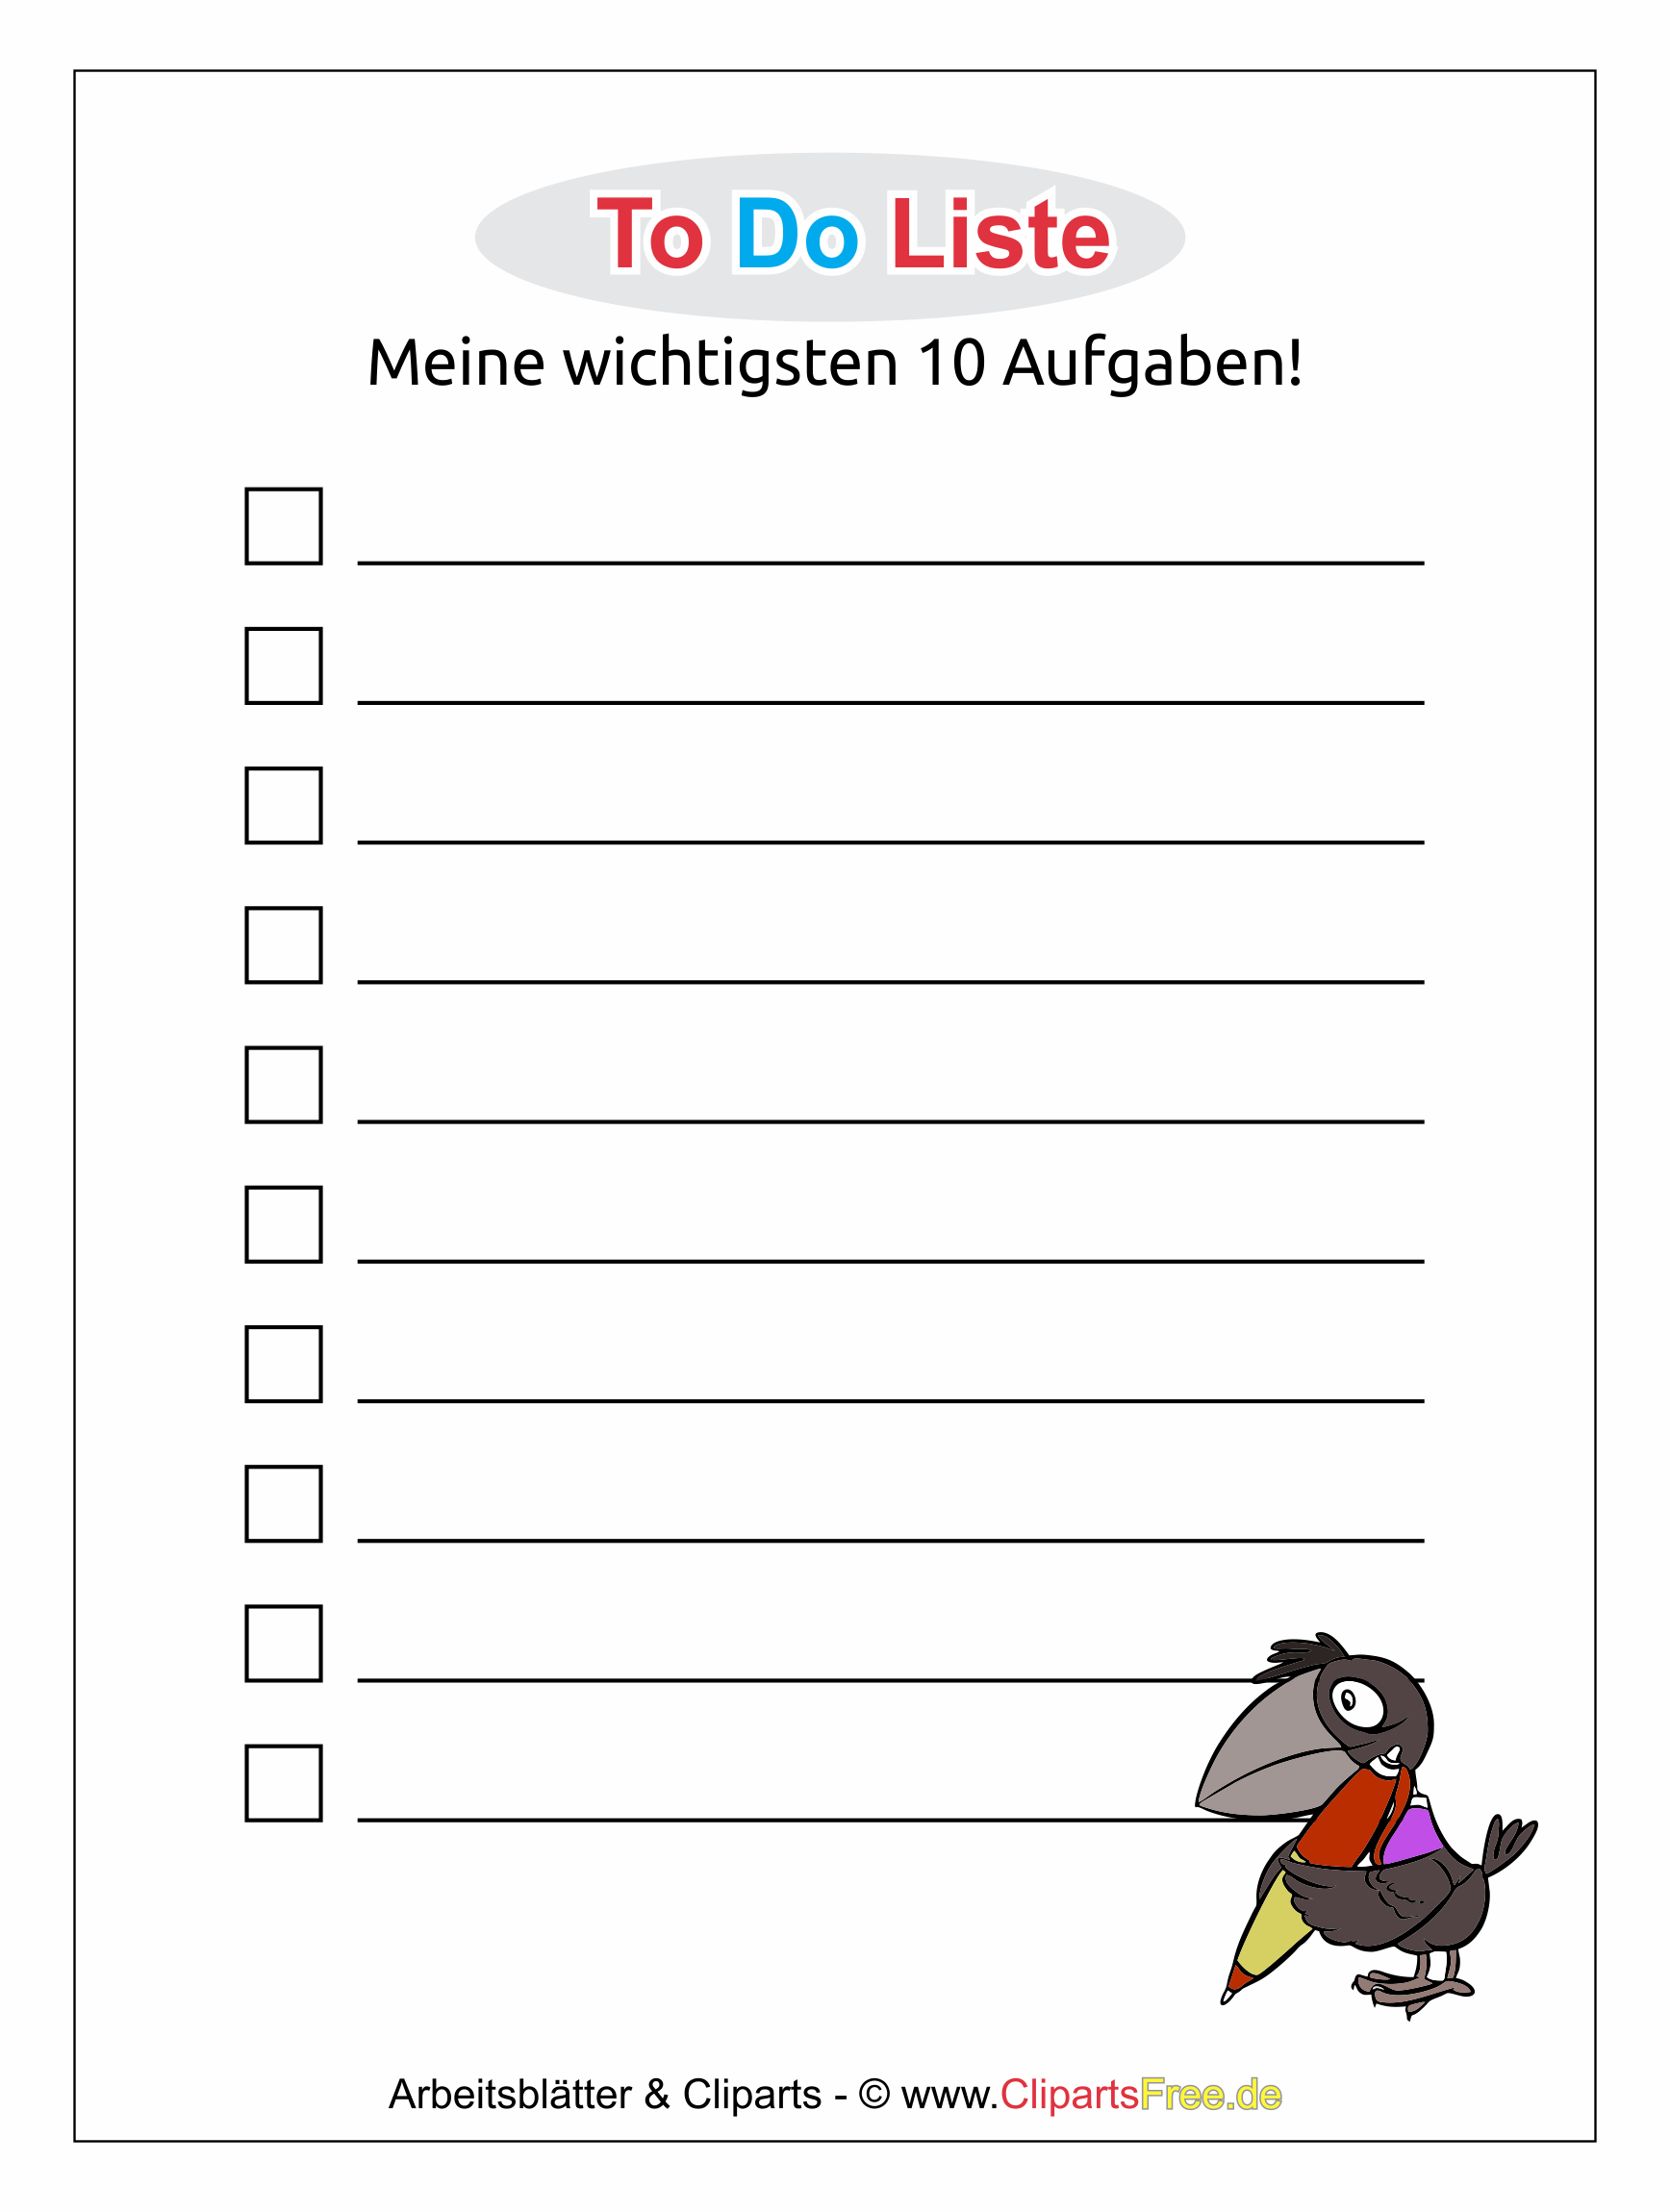 ToDo-Liste als Vorlage zum Download im PDF